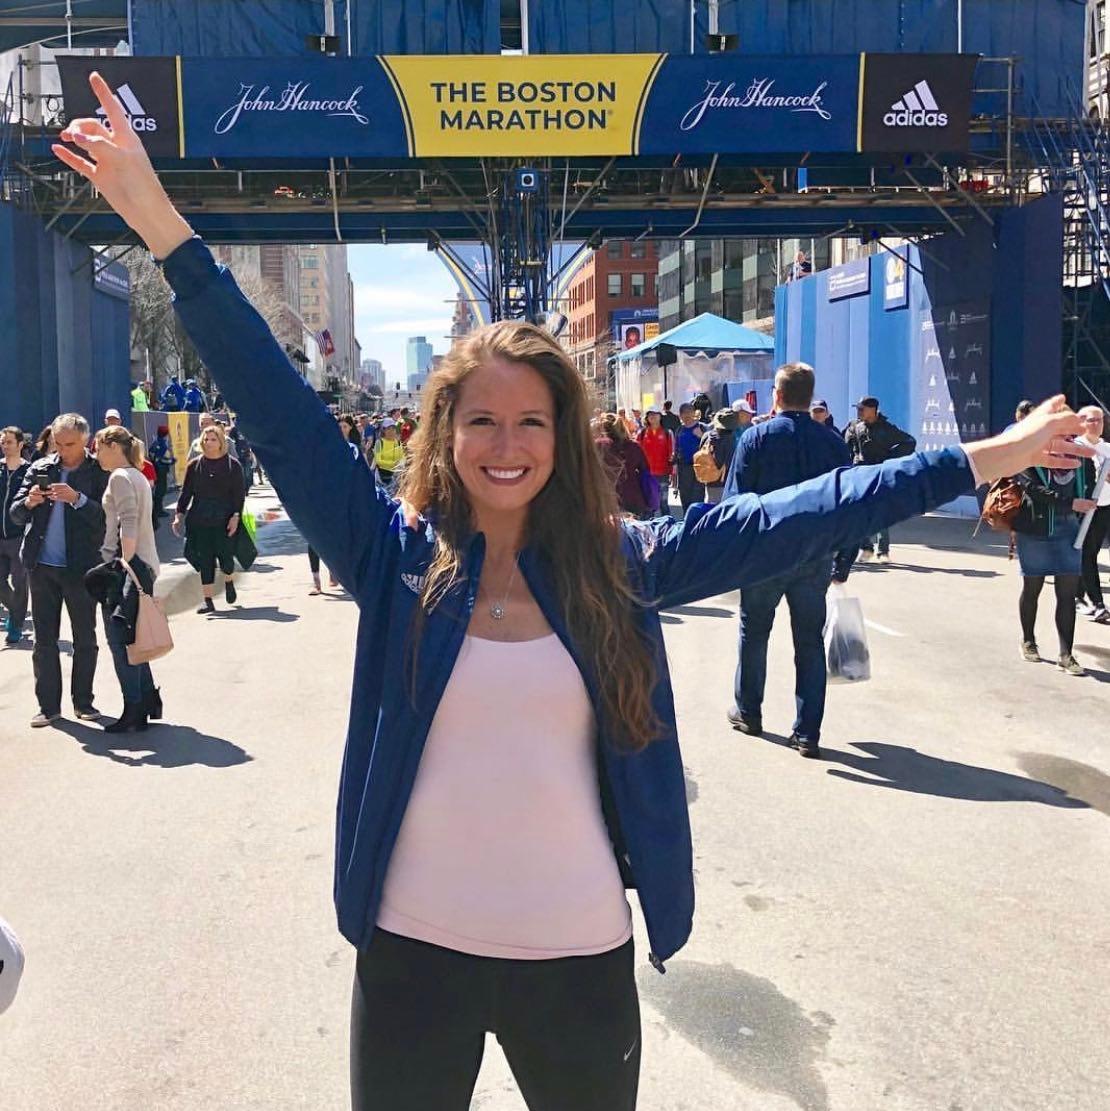 Samantha at the Boston Marathon